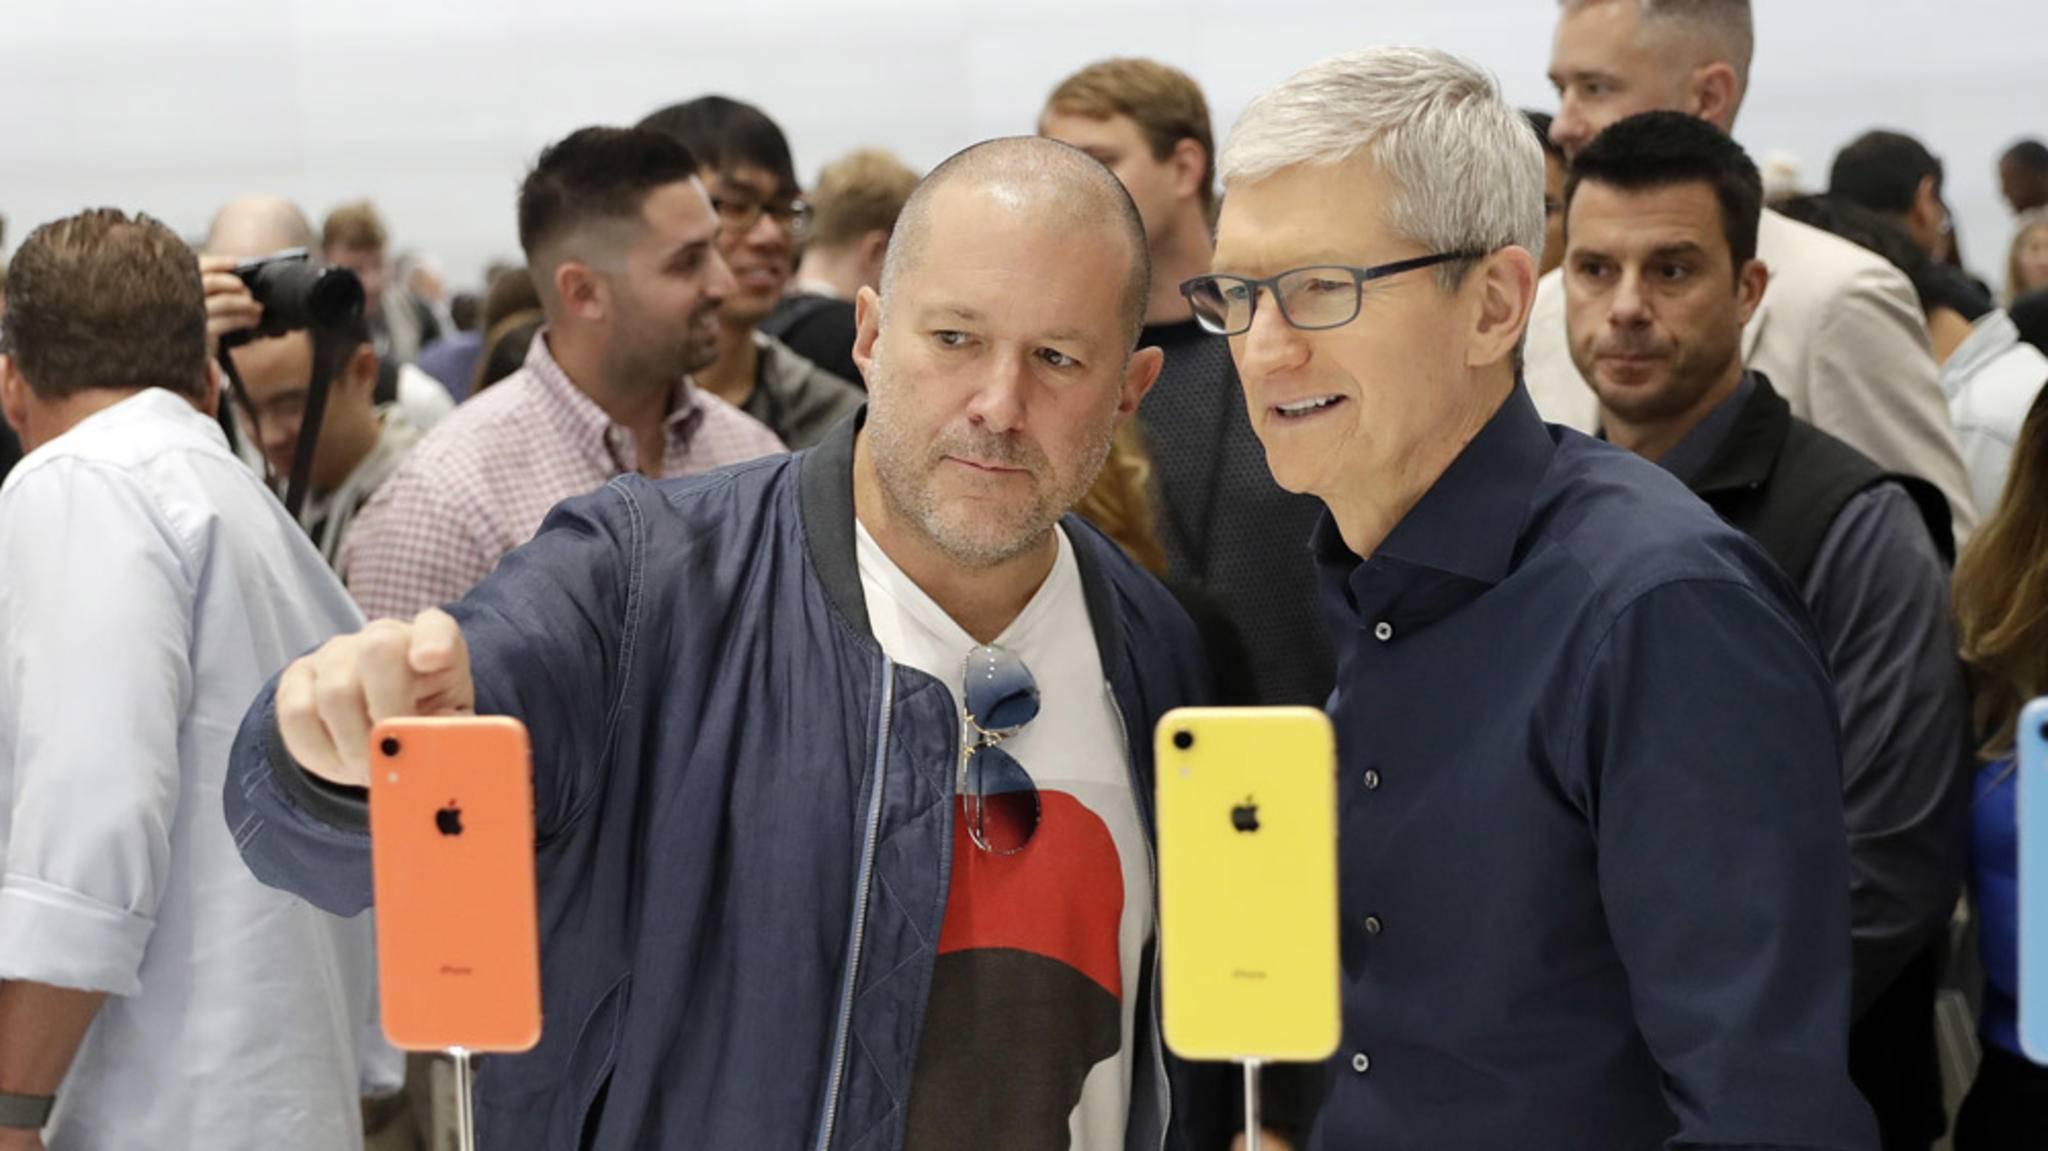 Die übermäßige Nutzung des iPhones sei nie das erklärte Ziel Apples gewesen, betonte Tim Cook jetzt.